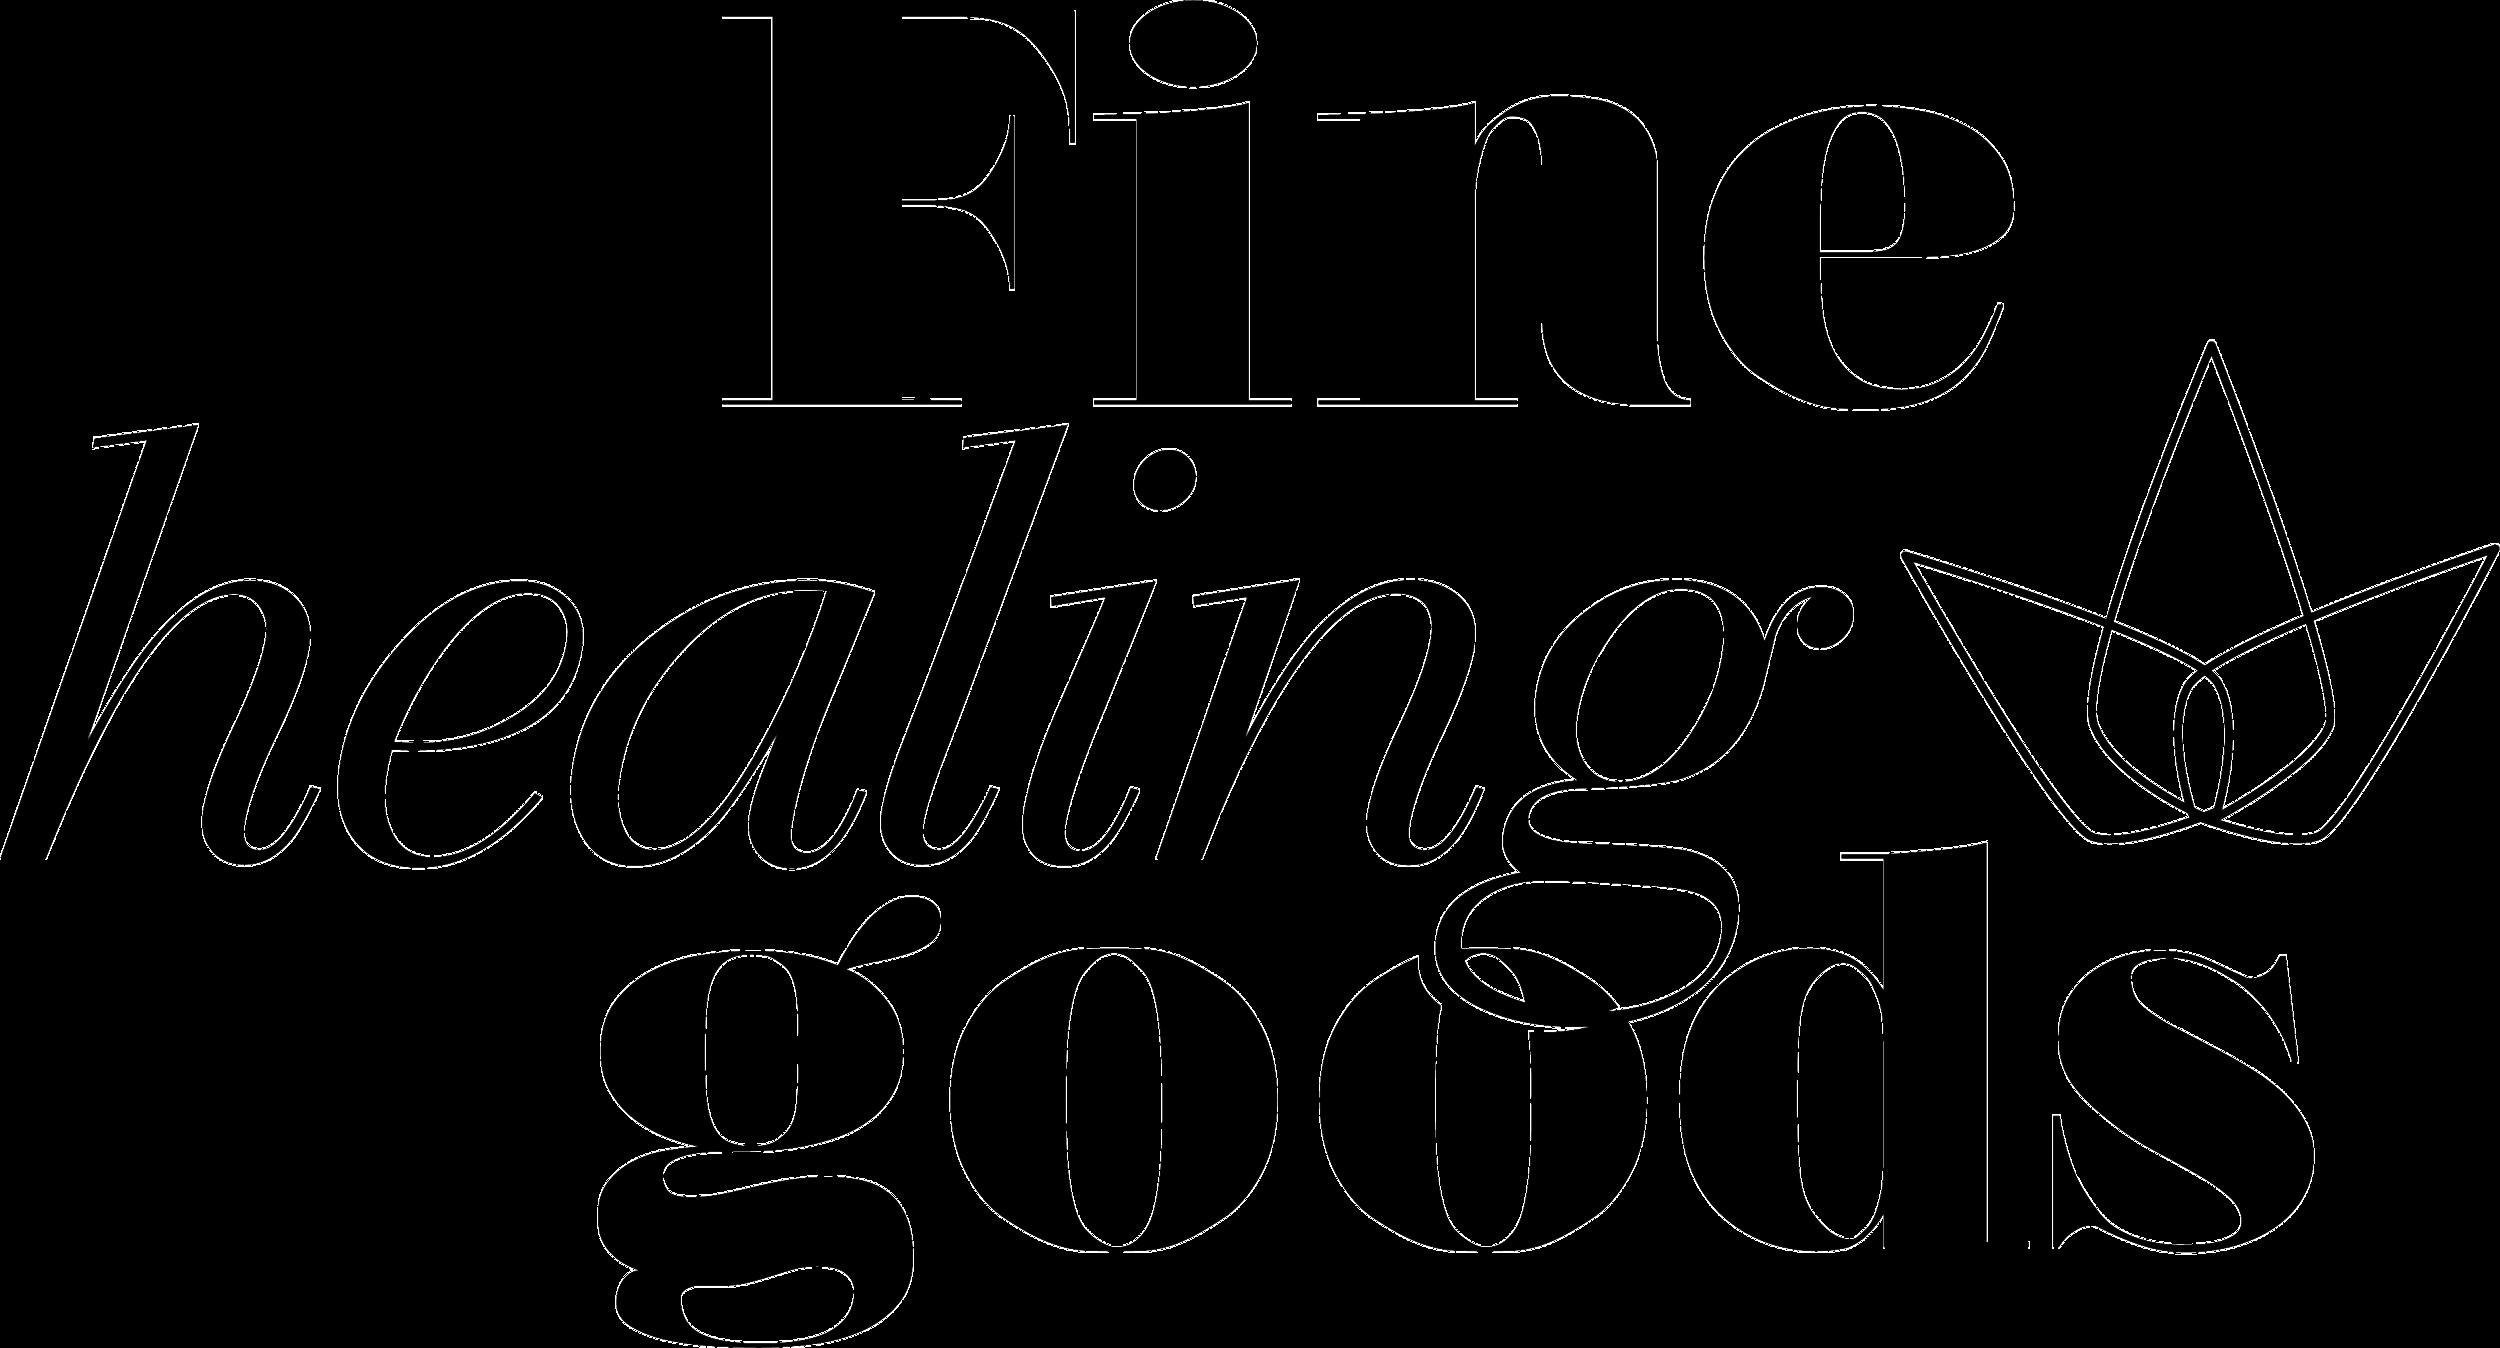 Fine_Healing_Goods_vector.png